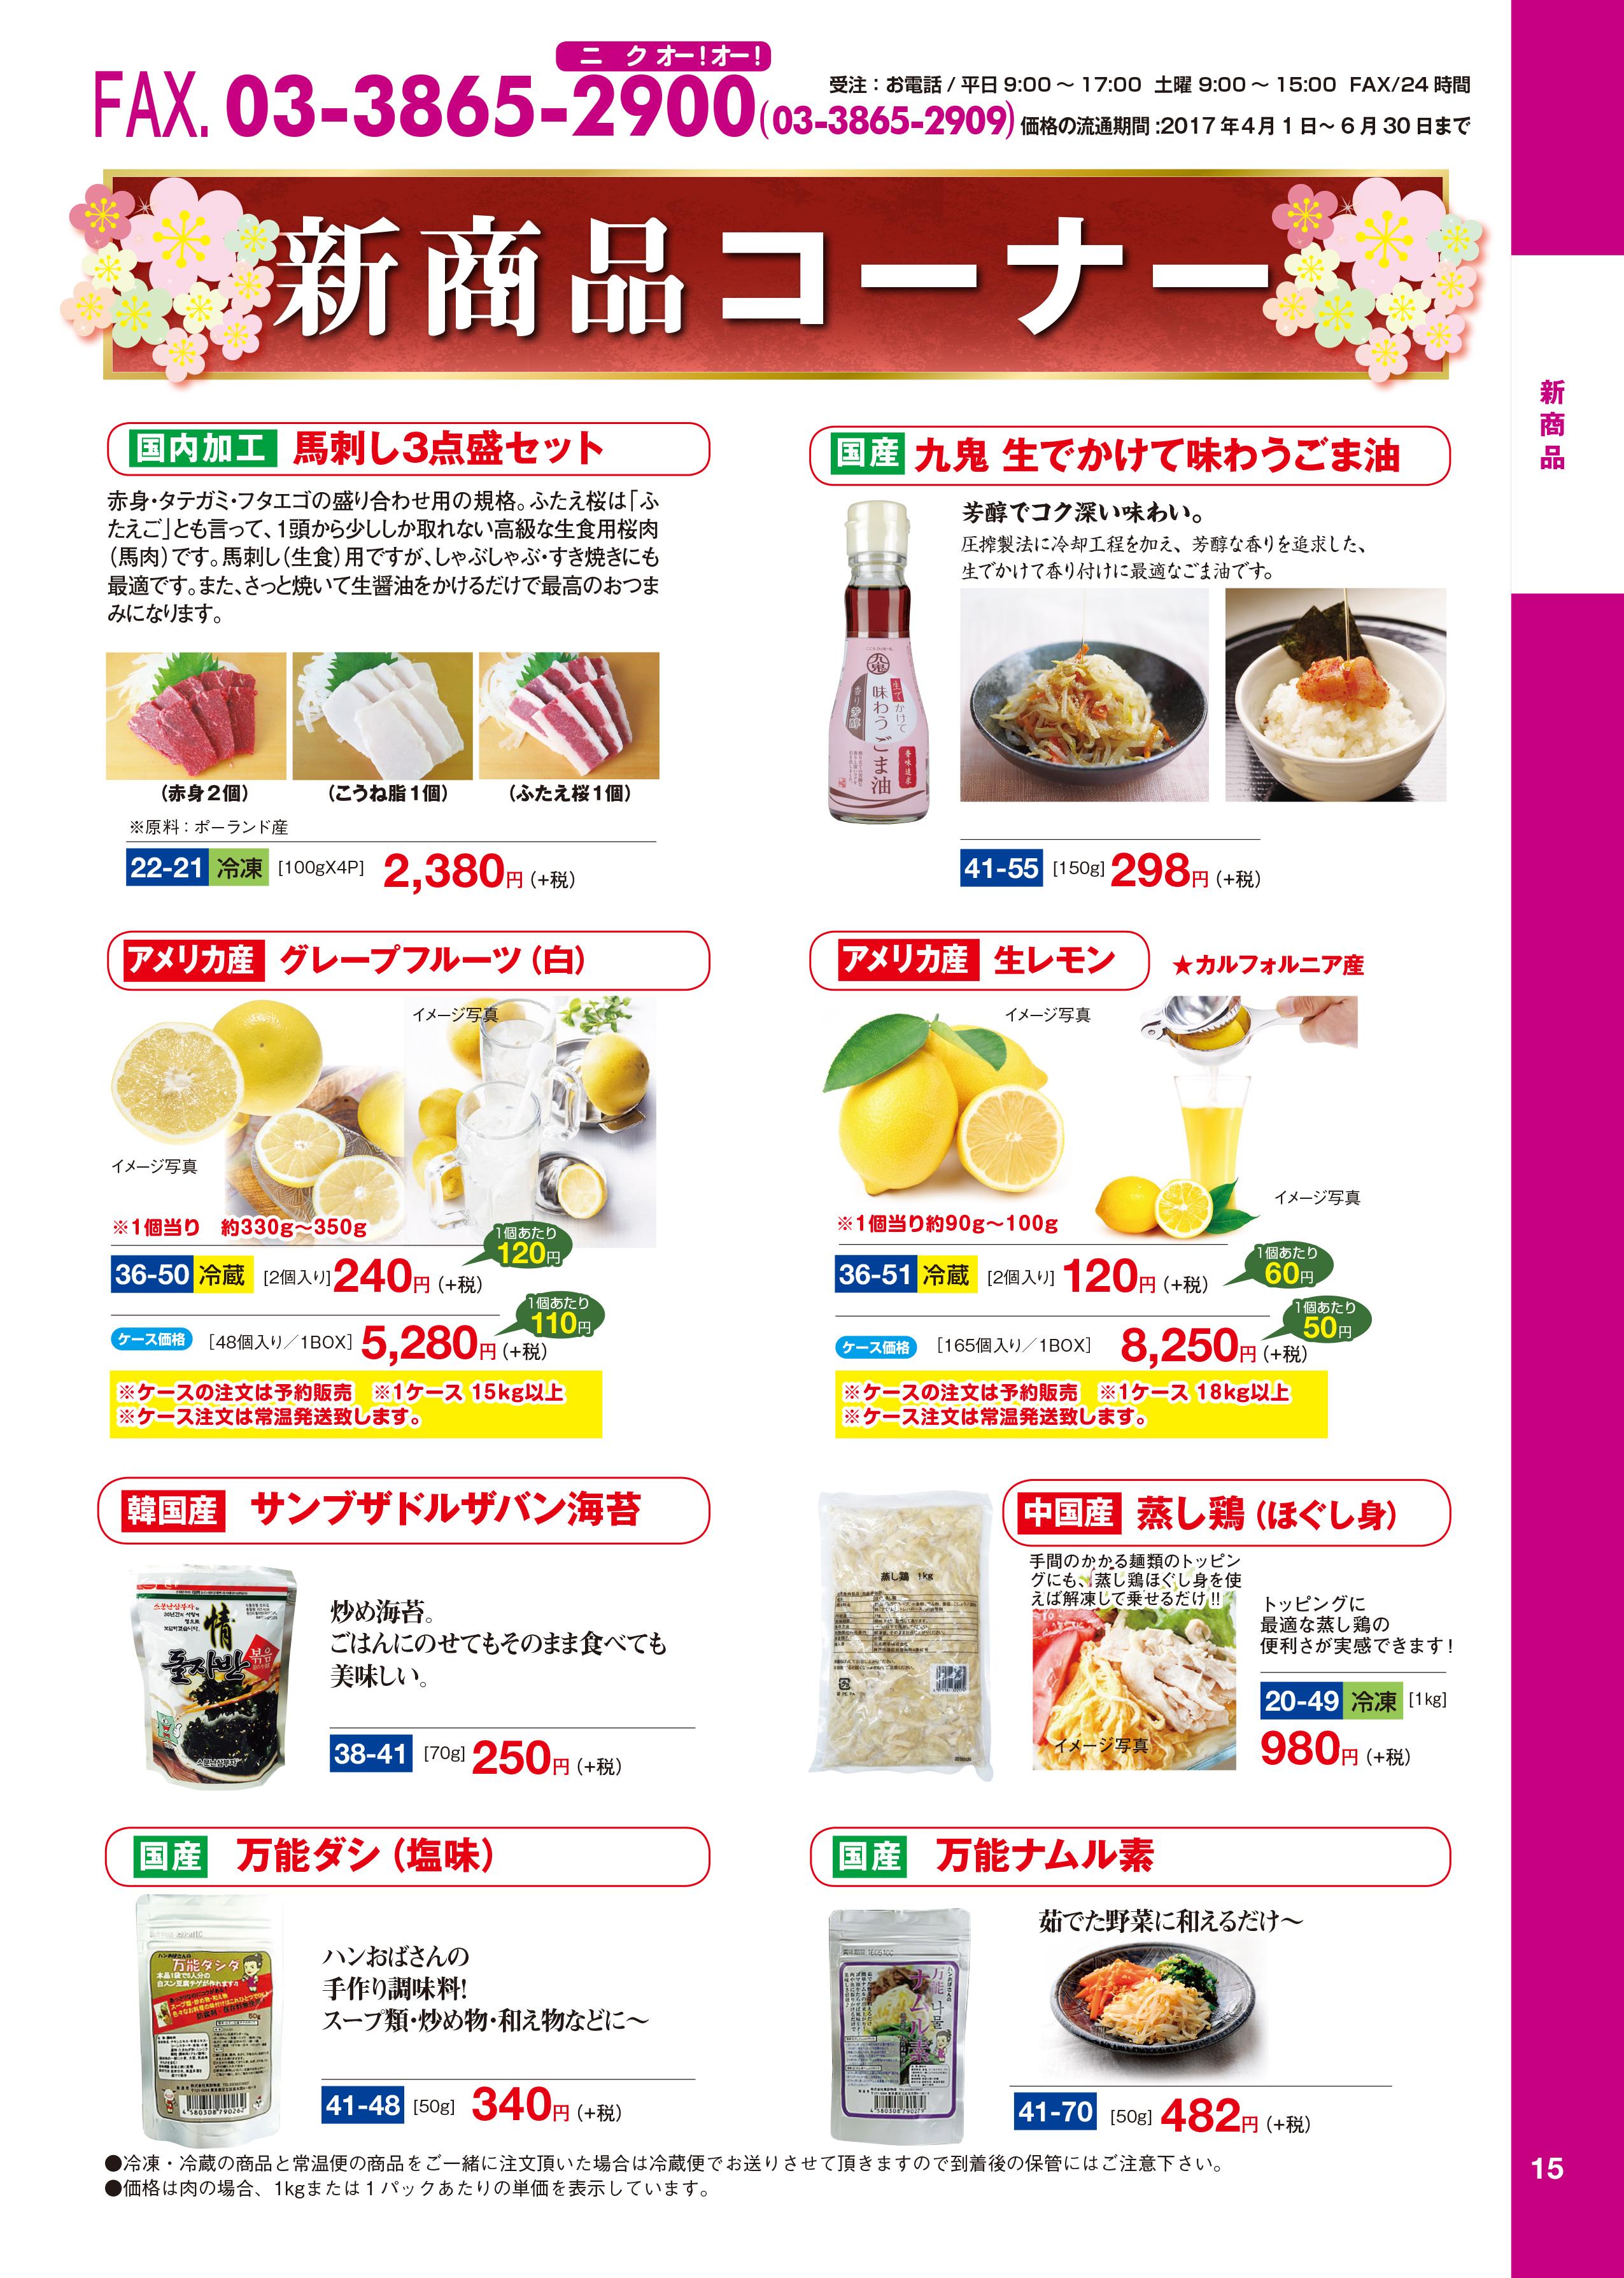 p014-015_新商品-2